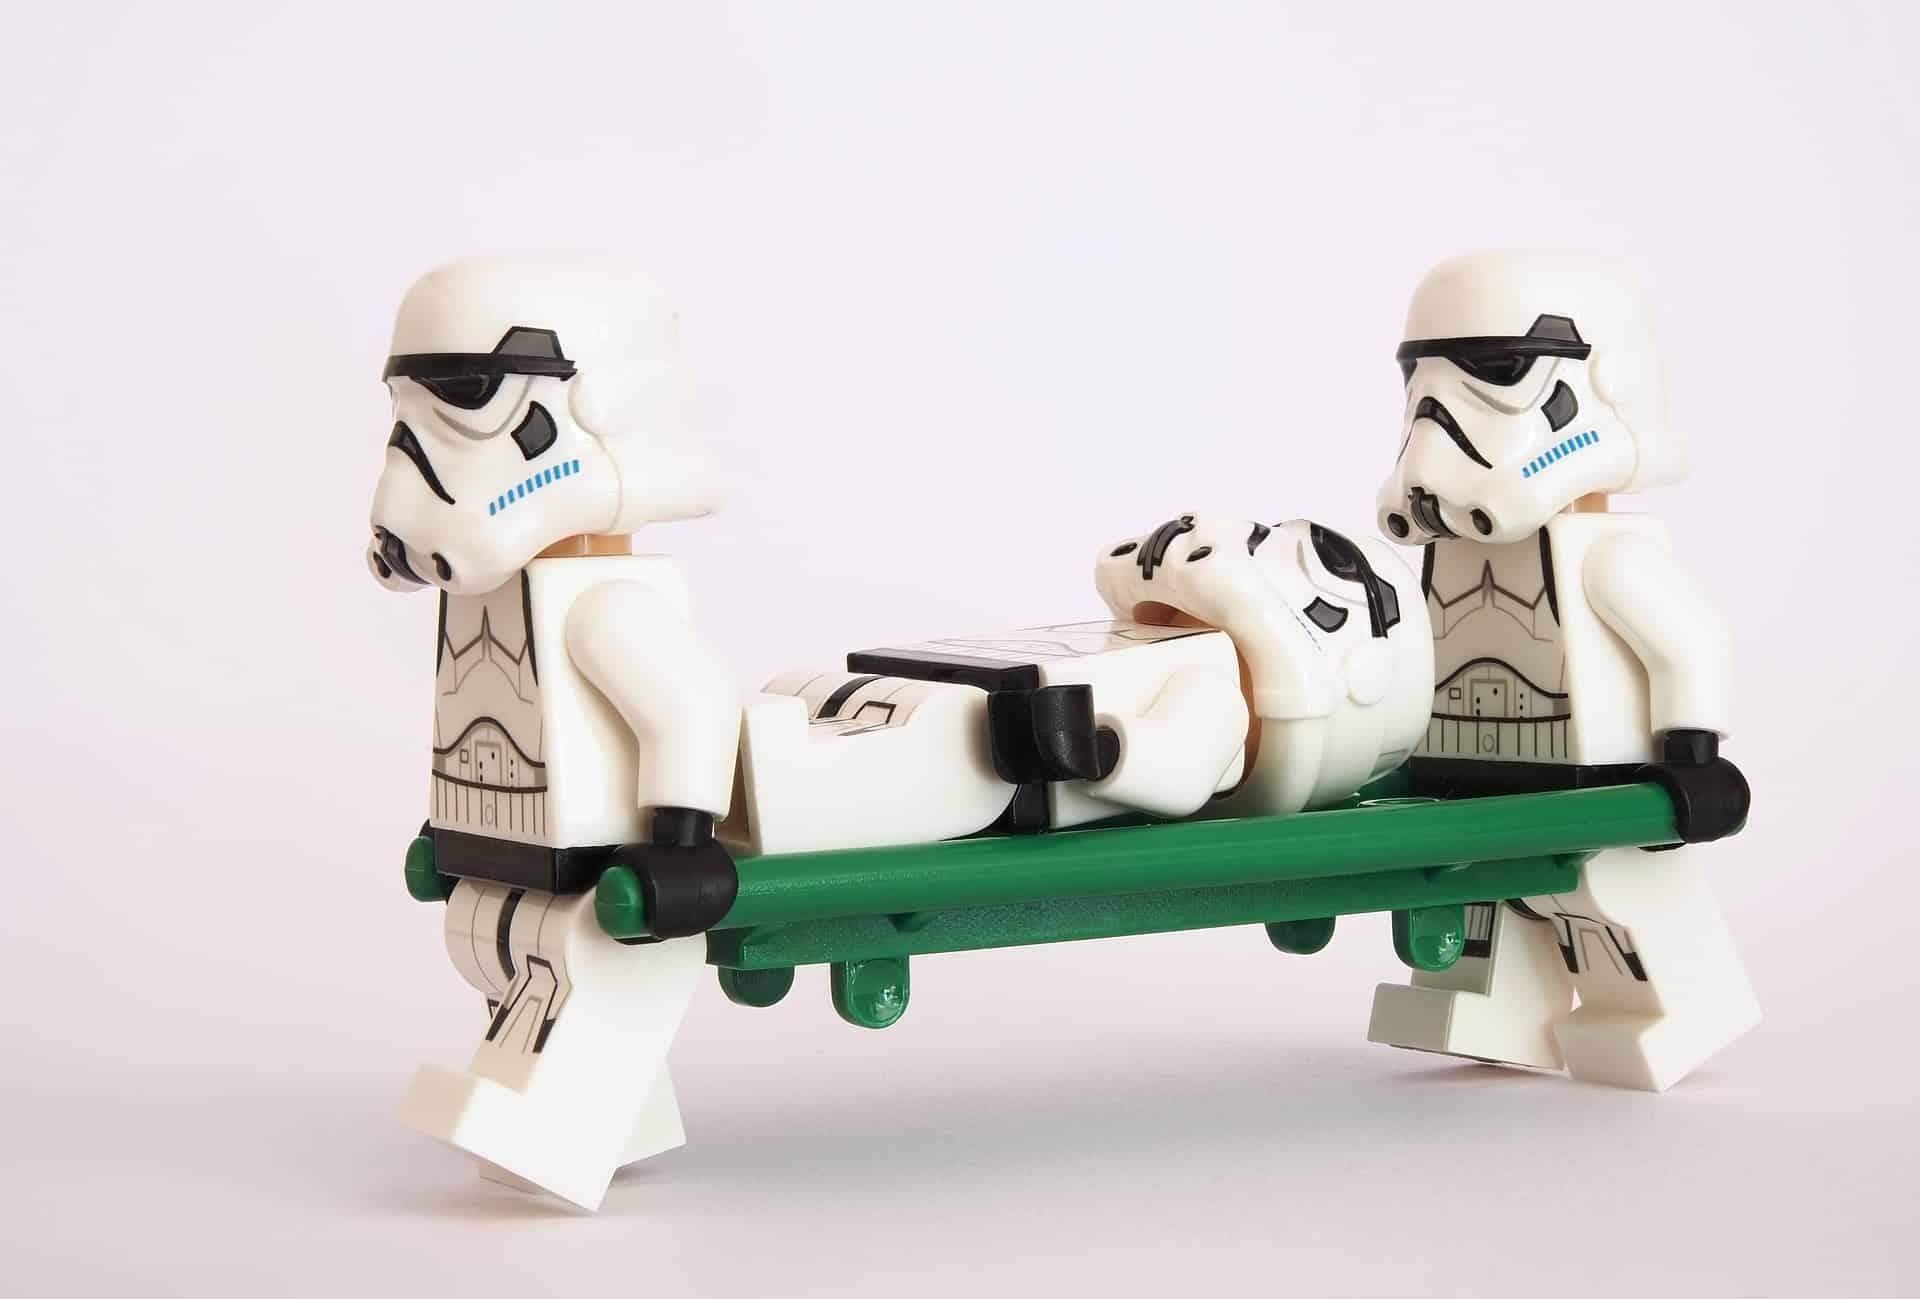 Premiers secours - Réanimation cardiopulmonaire